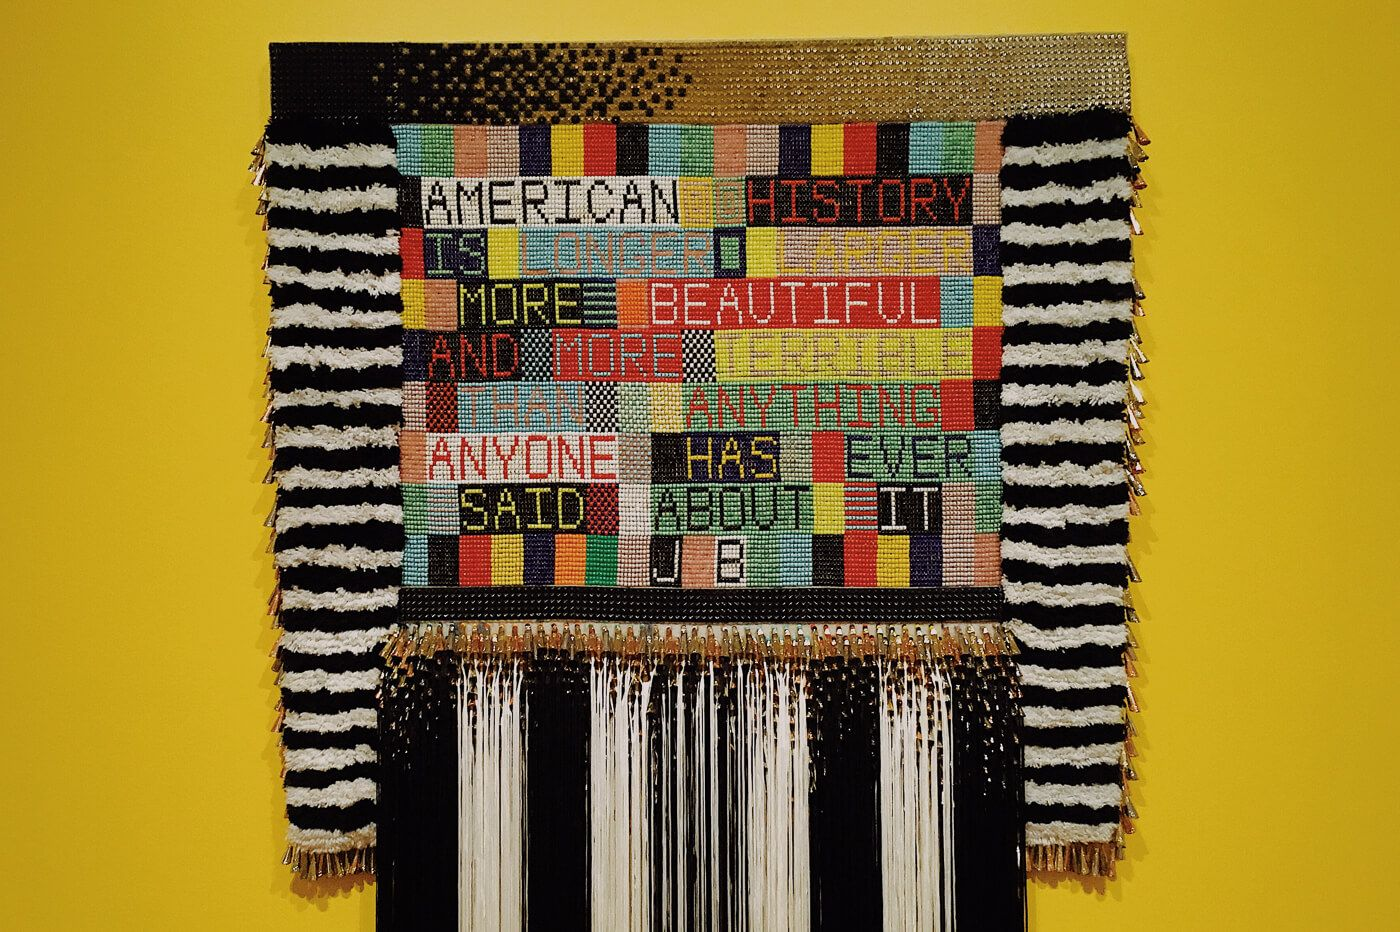 Text woven into a colourful textile